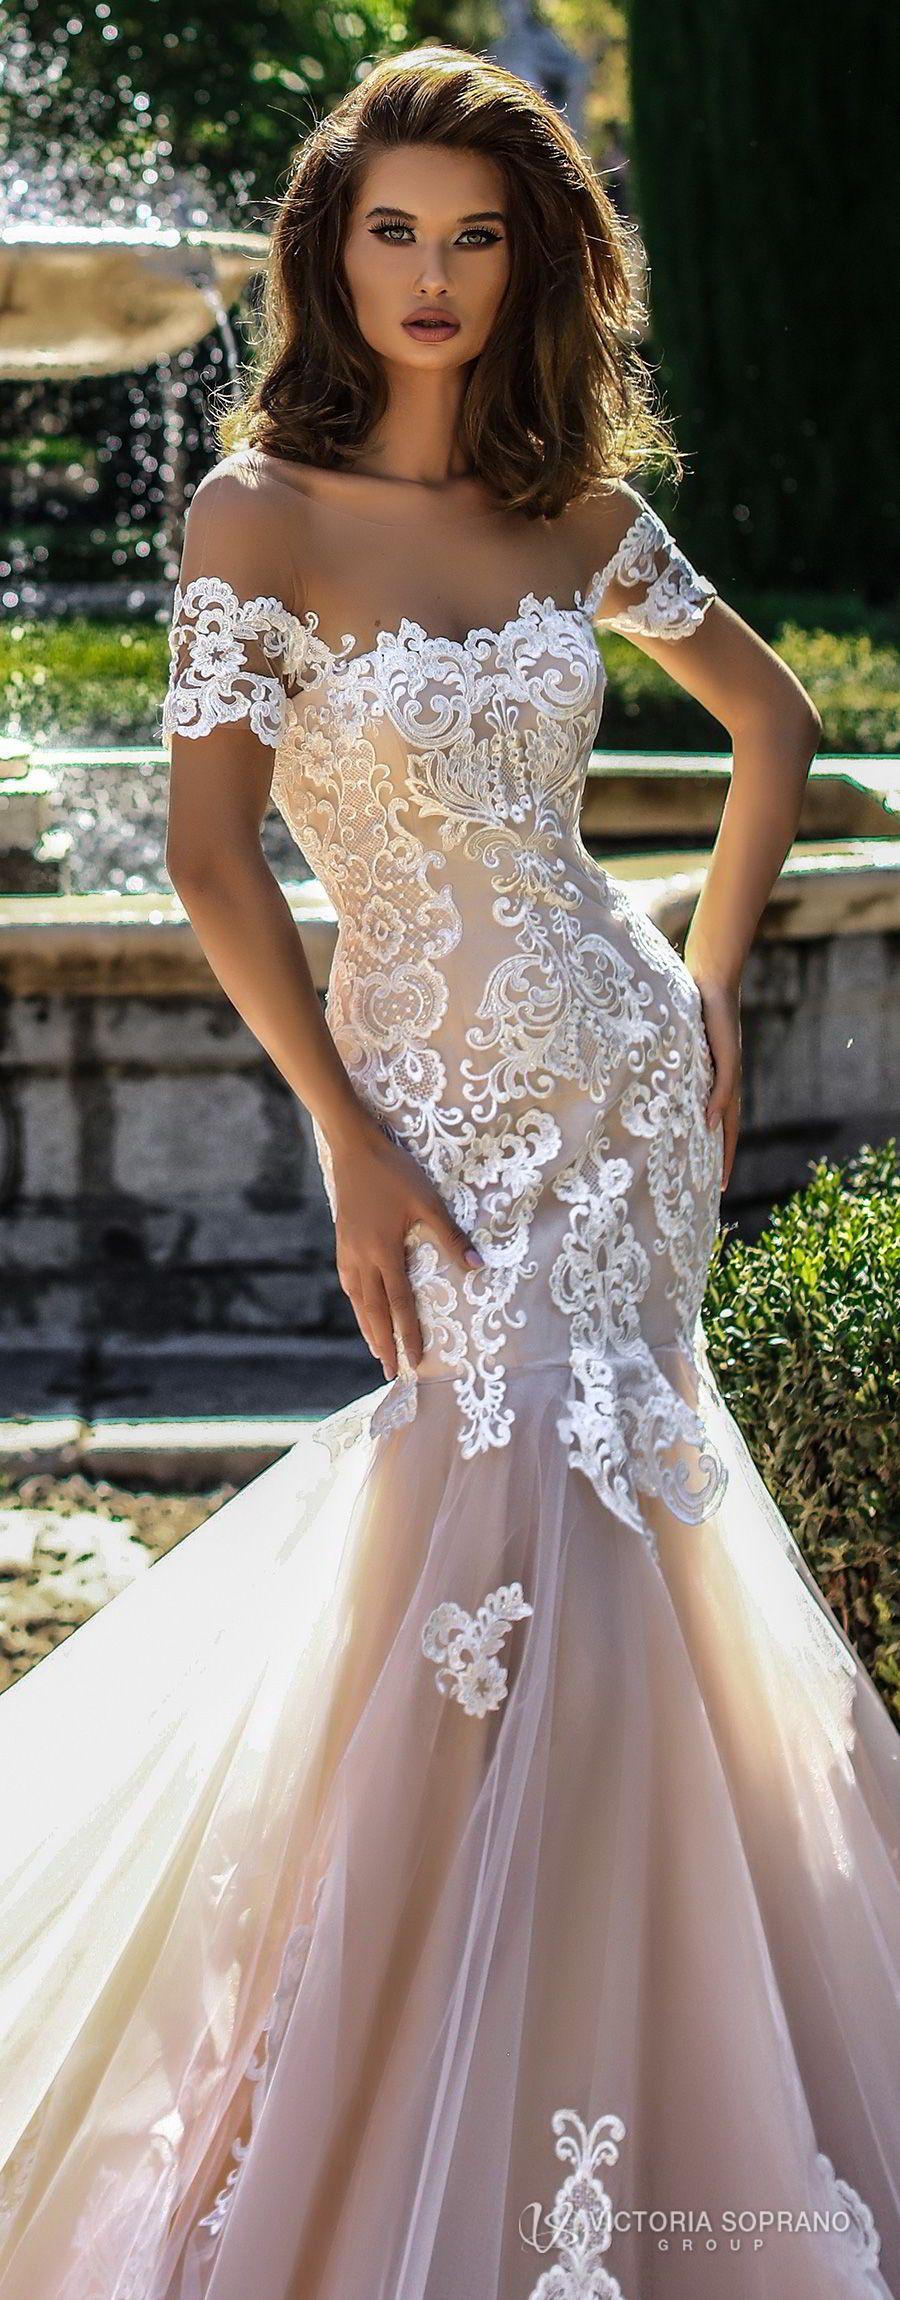 Pin On Wedding 3 [ 2300 x 900 Pixel ]